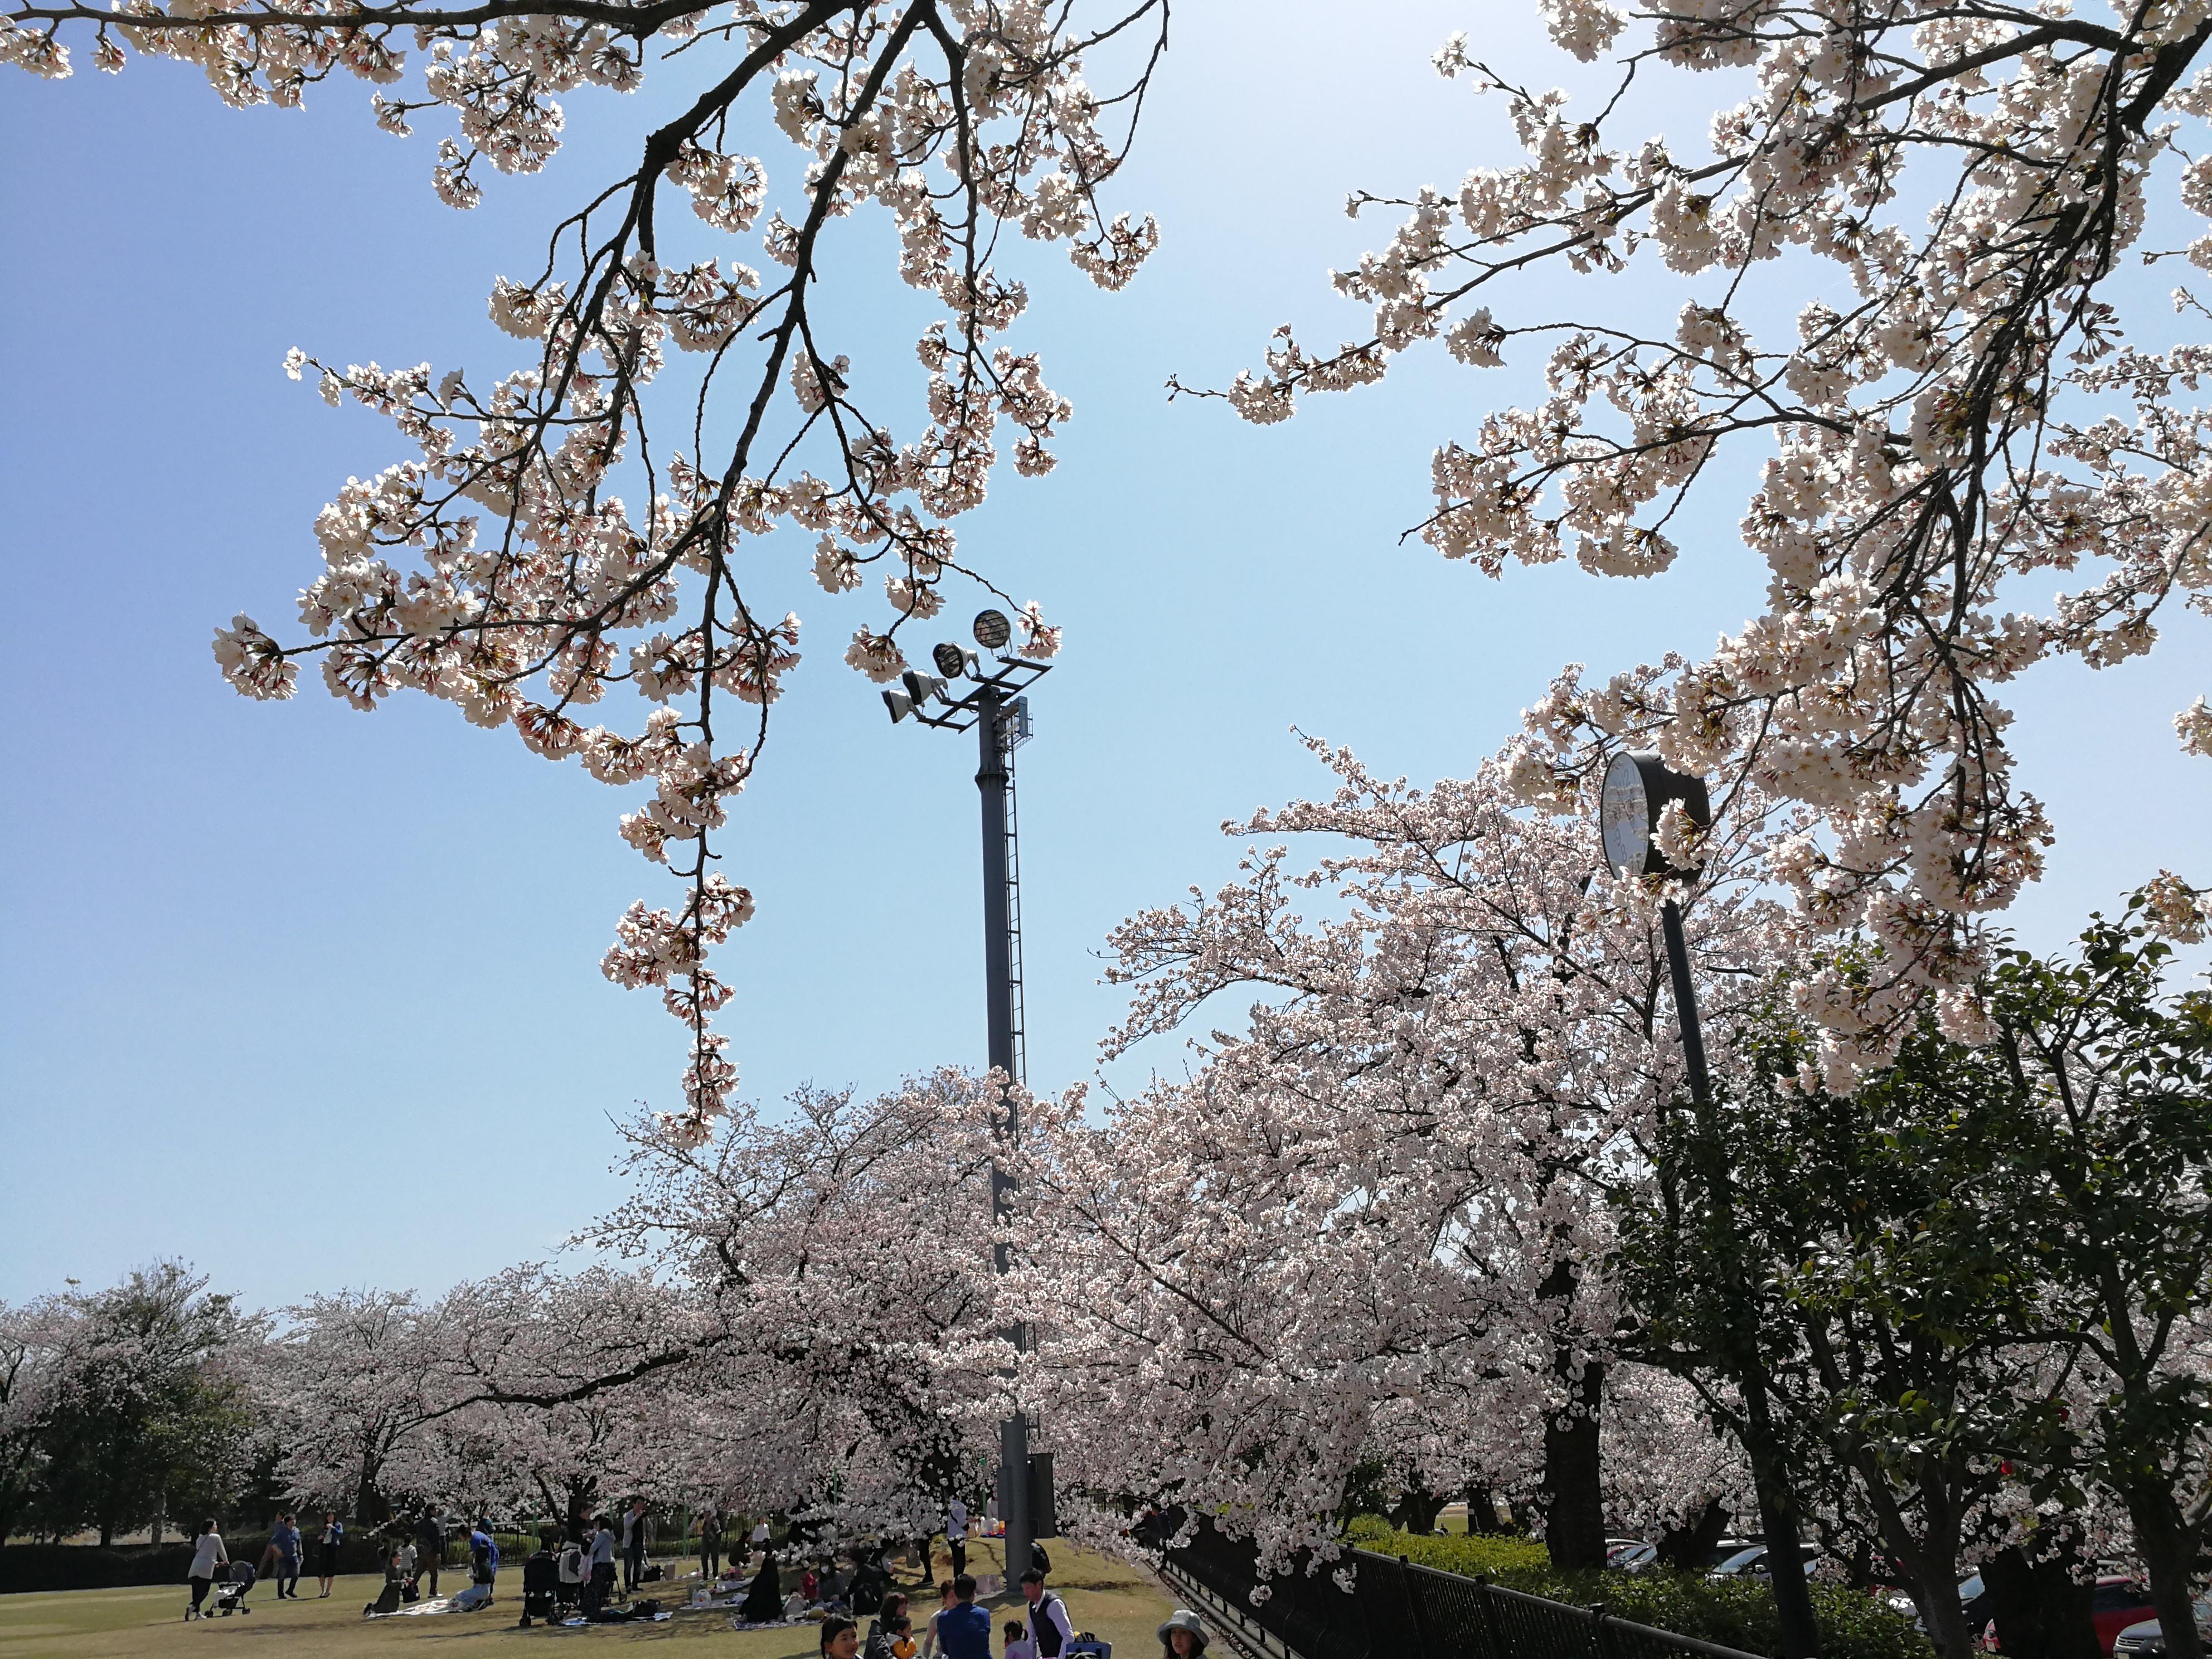 石川県の桜情報|金沢市営陸上競技場で隠れたお花見スポット!桜100本が乱れ咲く